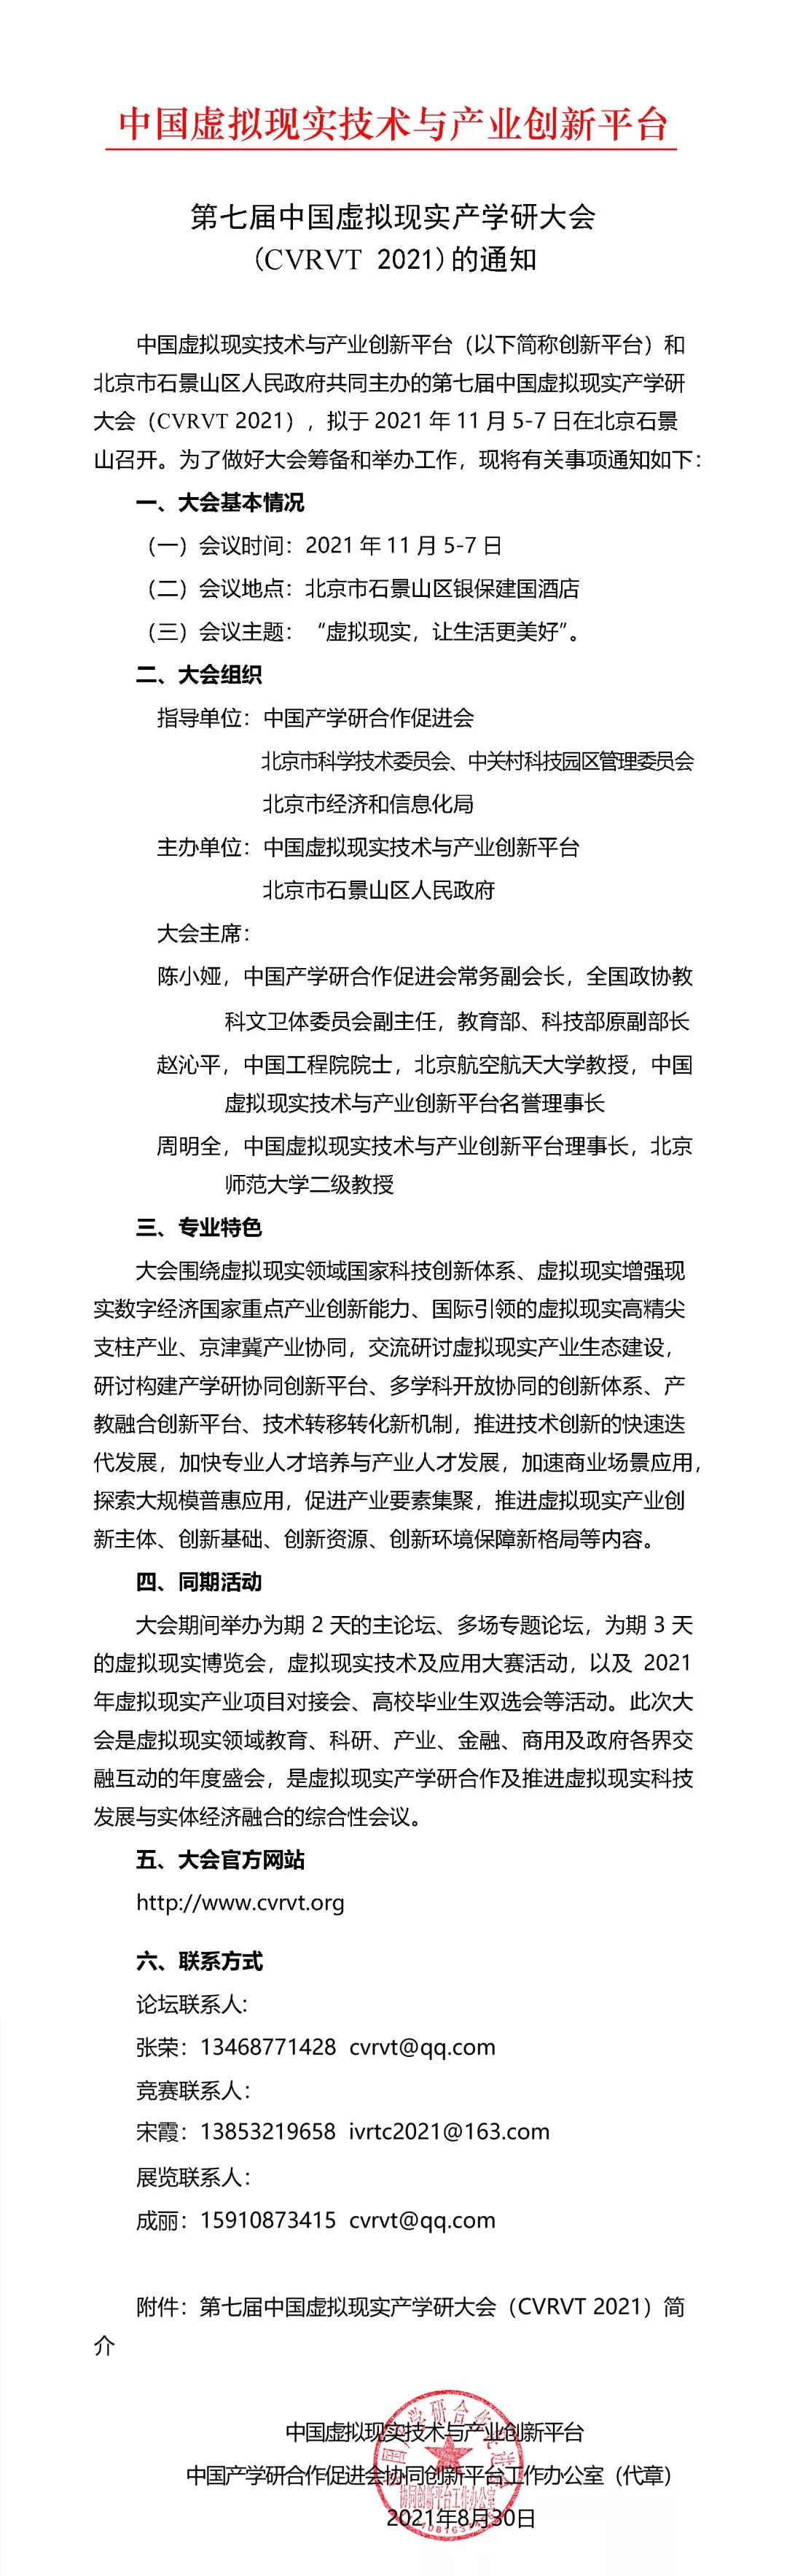 第七届中国虚拟现实产学研大会 (CVRVT 2021)通知